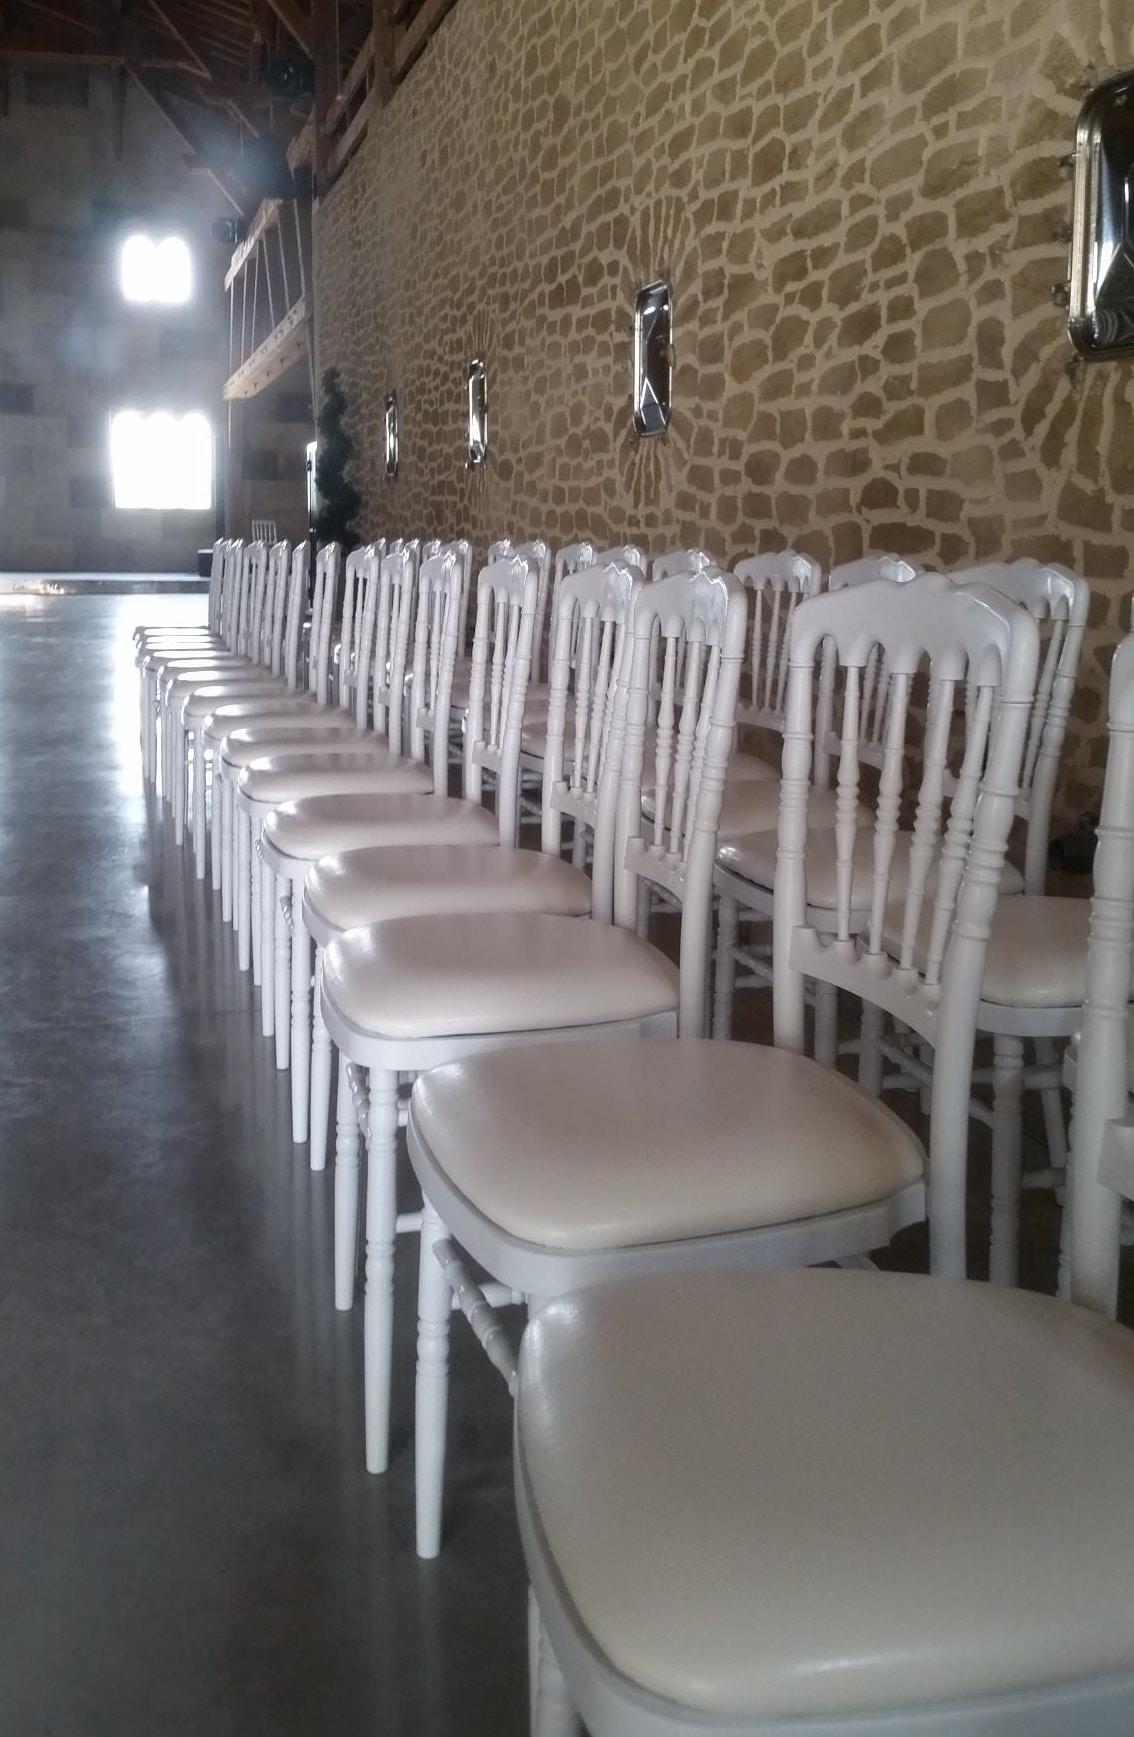 Location de chaise pas cher deco chaise pour mariage best of location housse de chaise mariage - Location de chaises pas cher ...